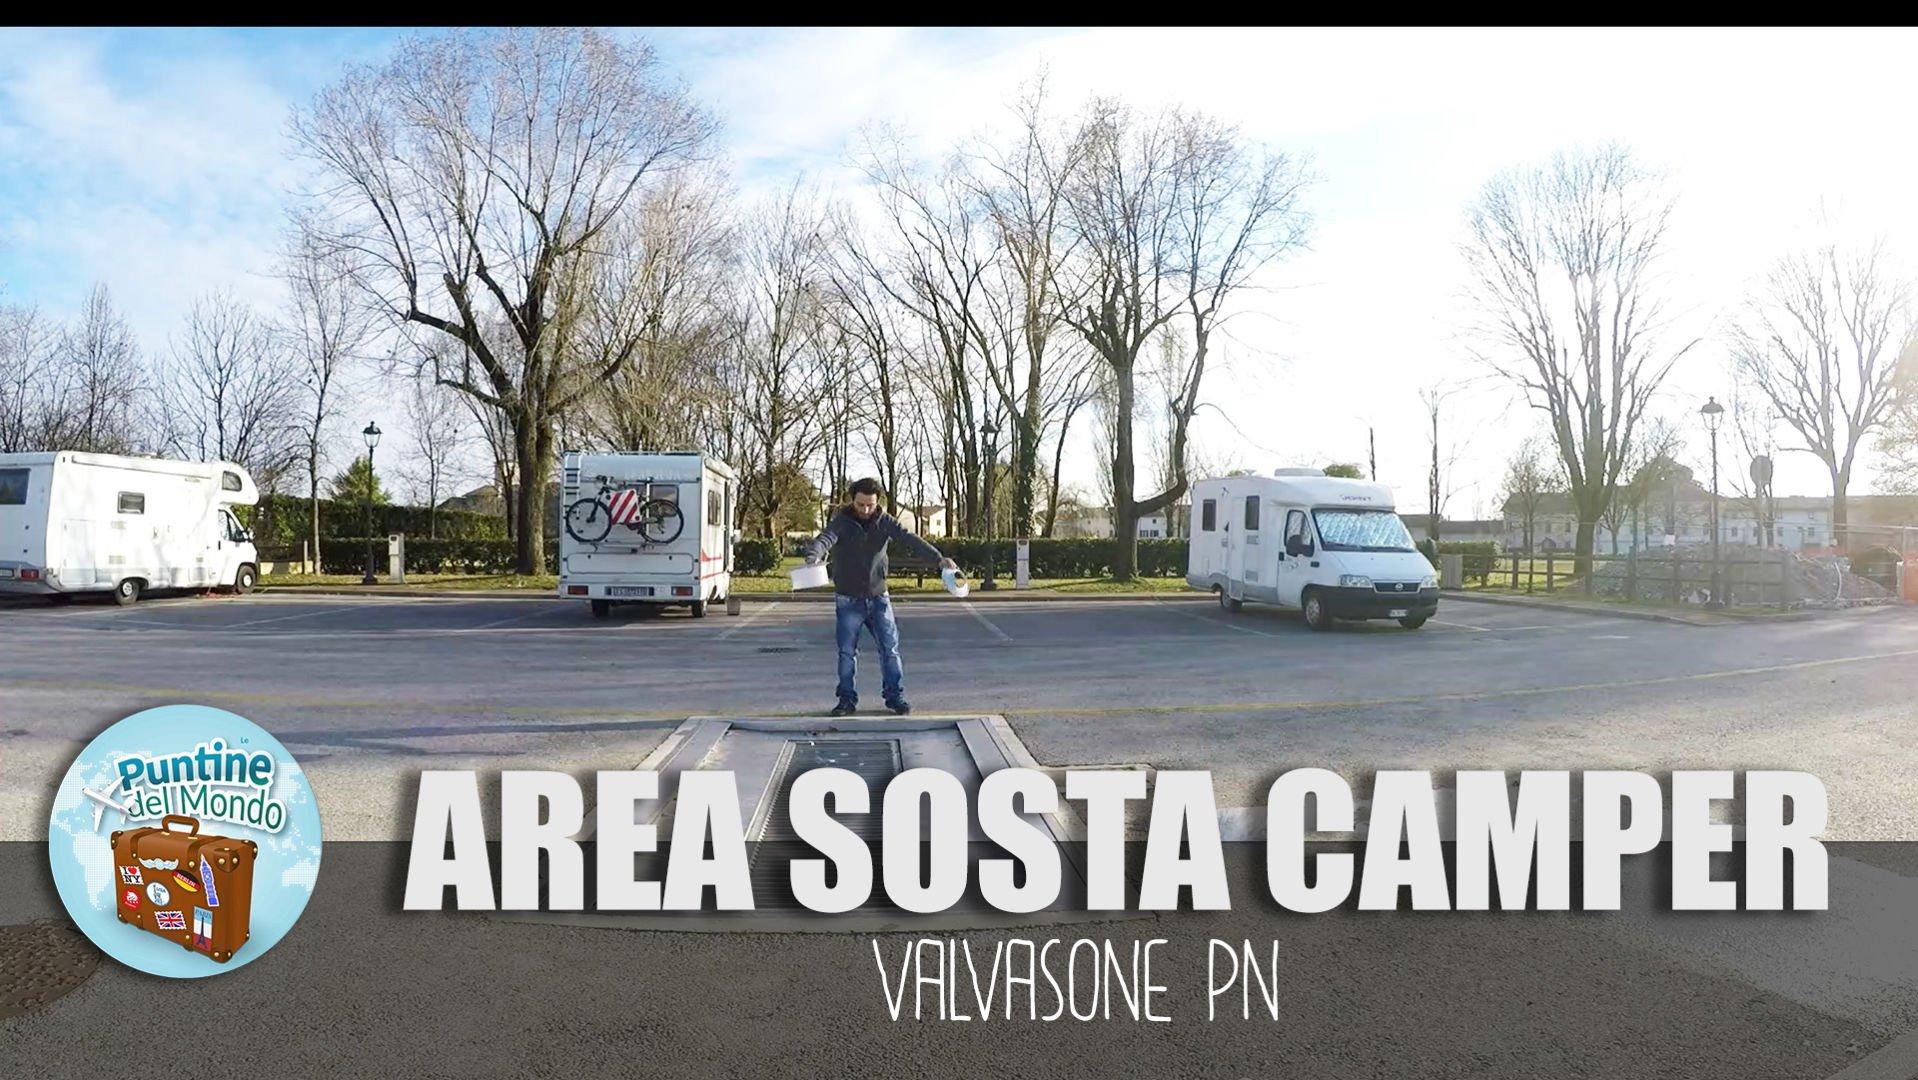 Area Sosta Camper gratuita al borgo di Valvasone PN